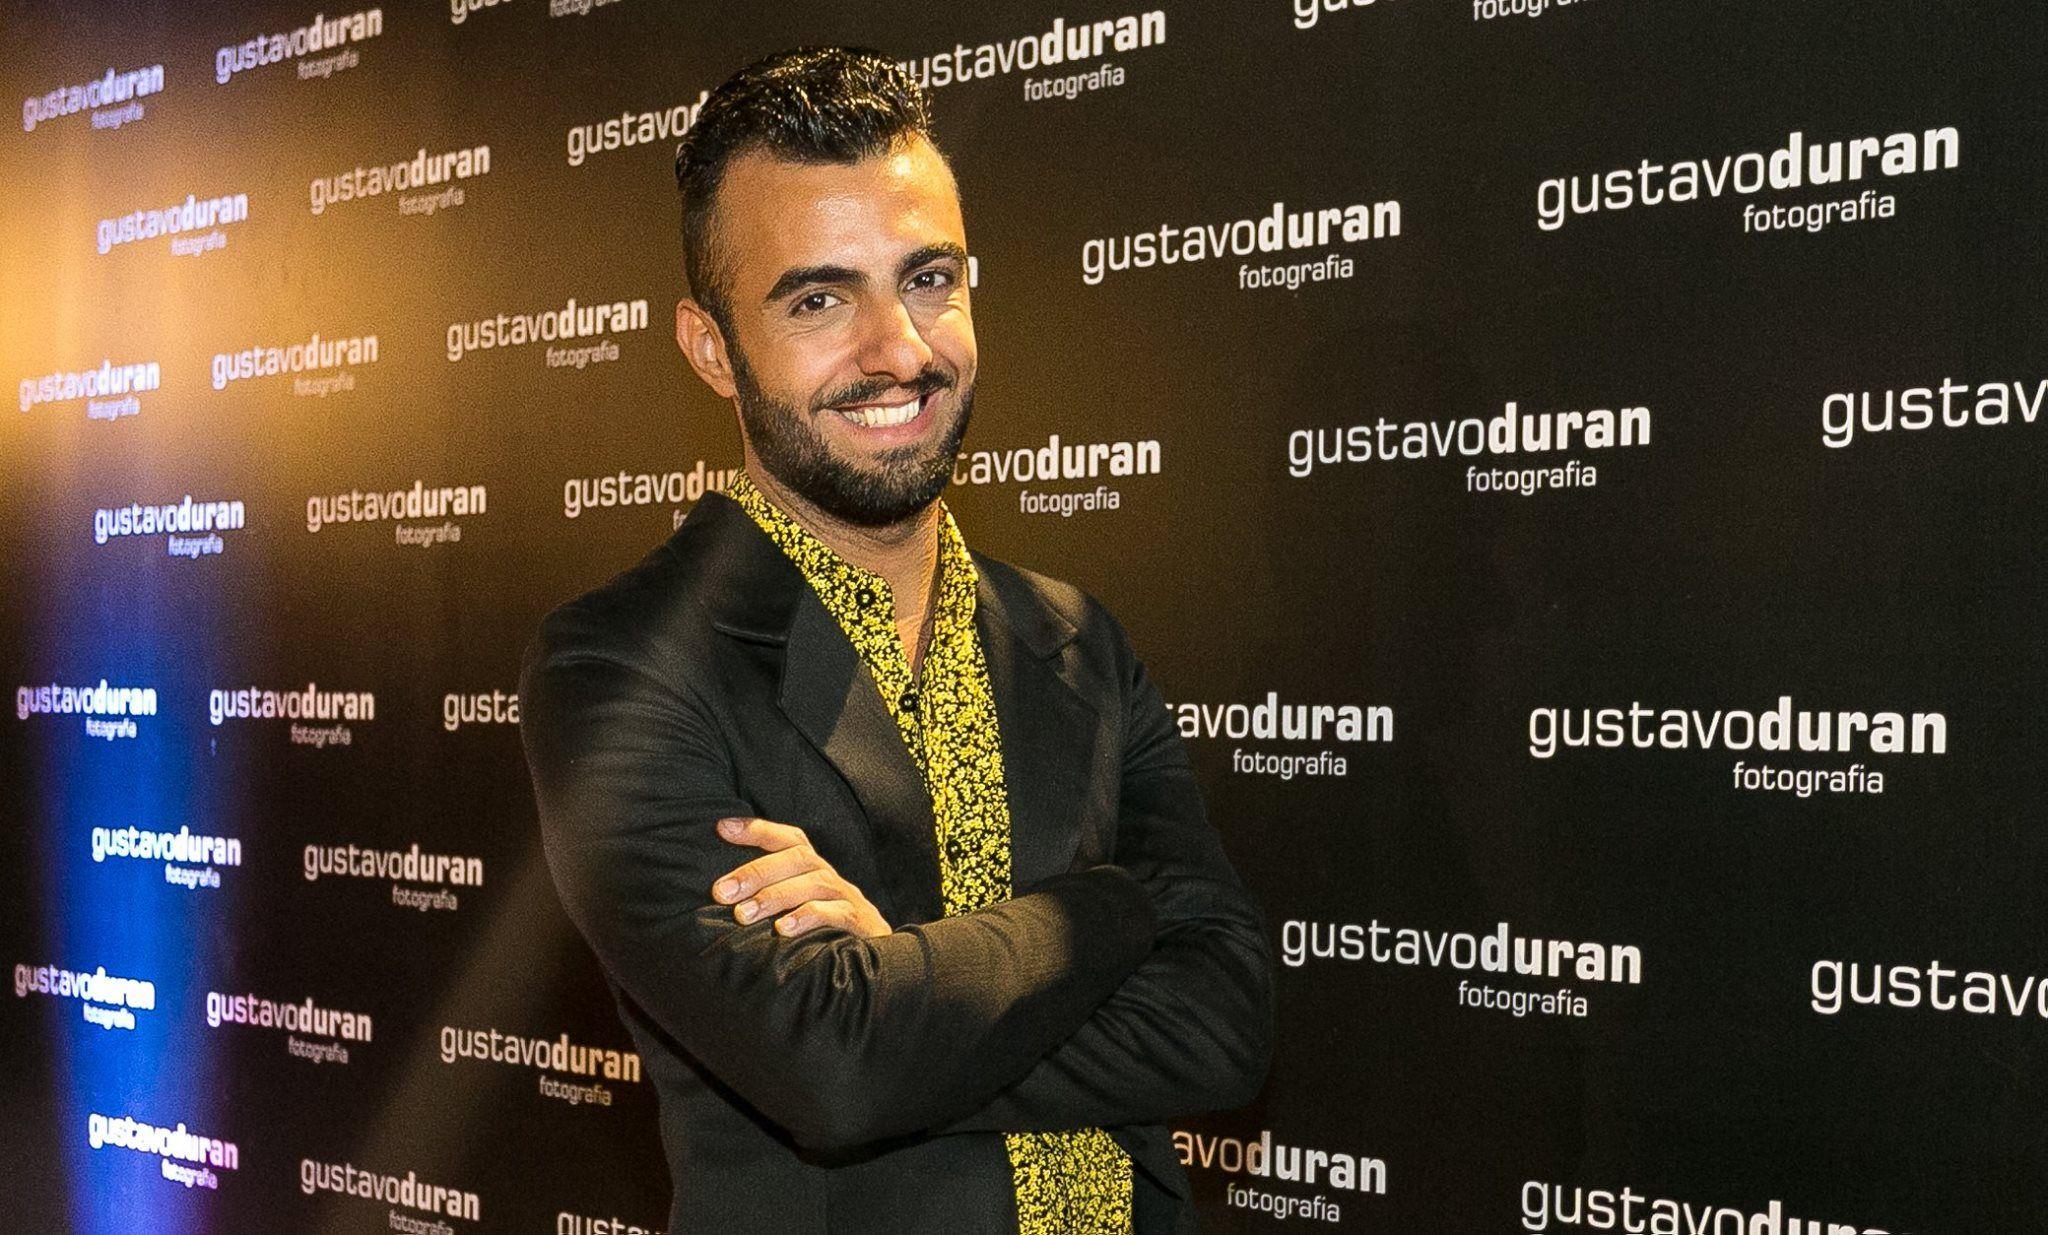 Os parabéns de Gustavo Duran